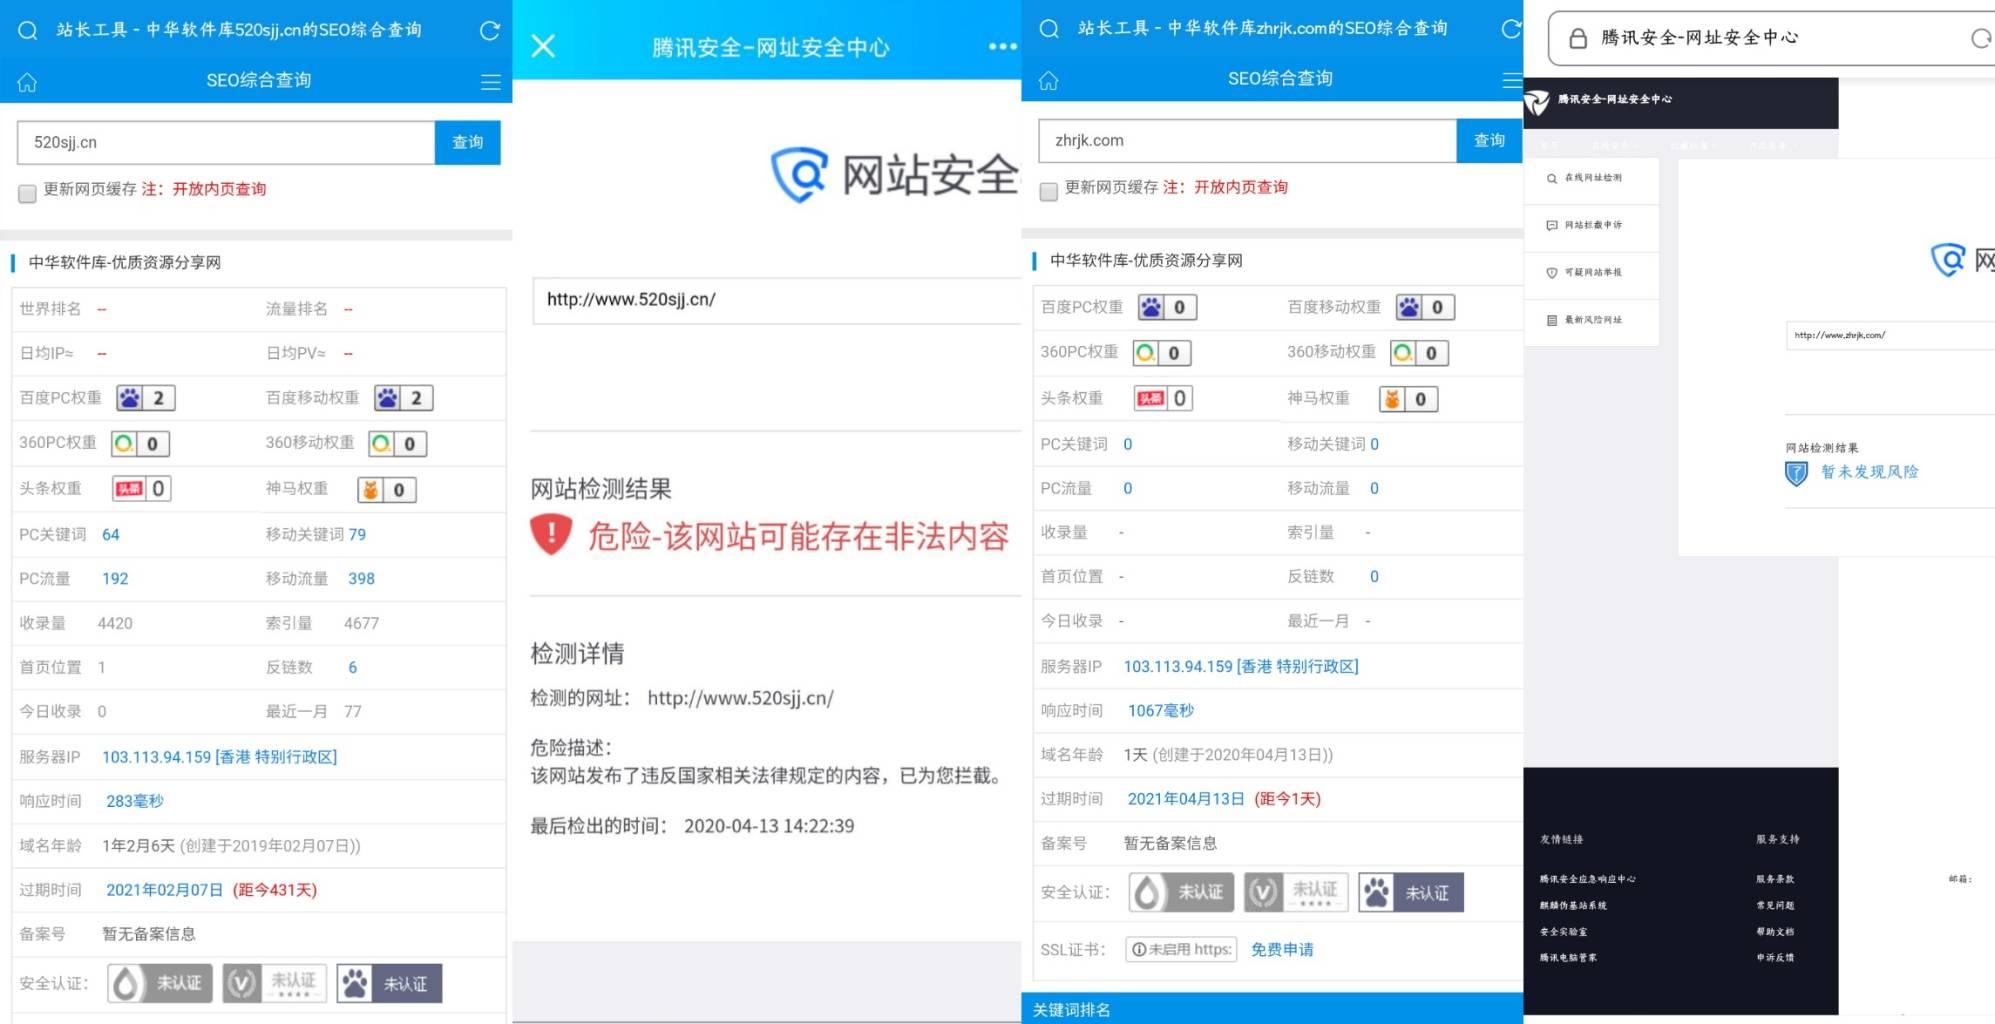 [中华软件库域名更换] -因特殊原因已更换域名通知(新zhrjk.com)2020.6.19更换新域名zhrjk.cn